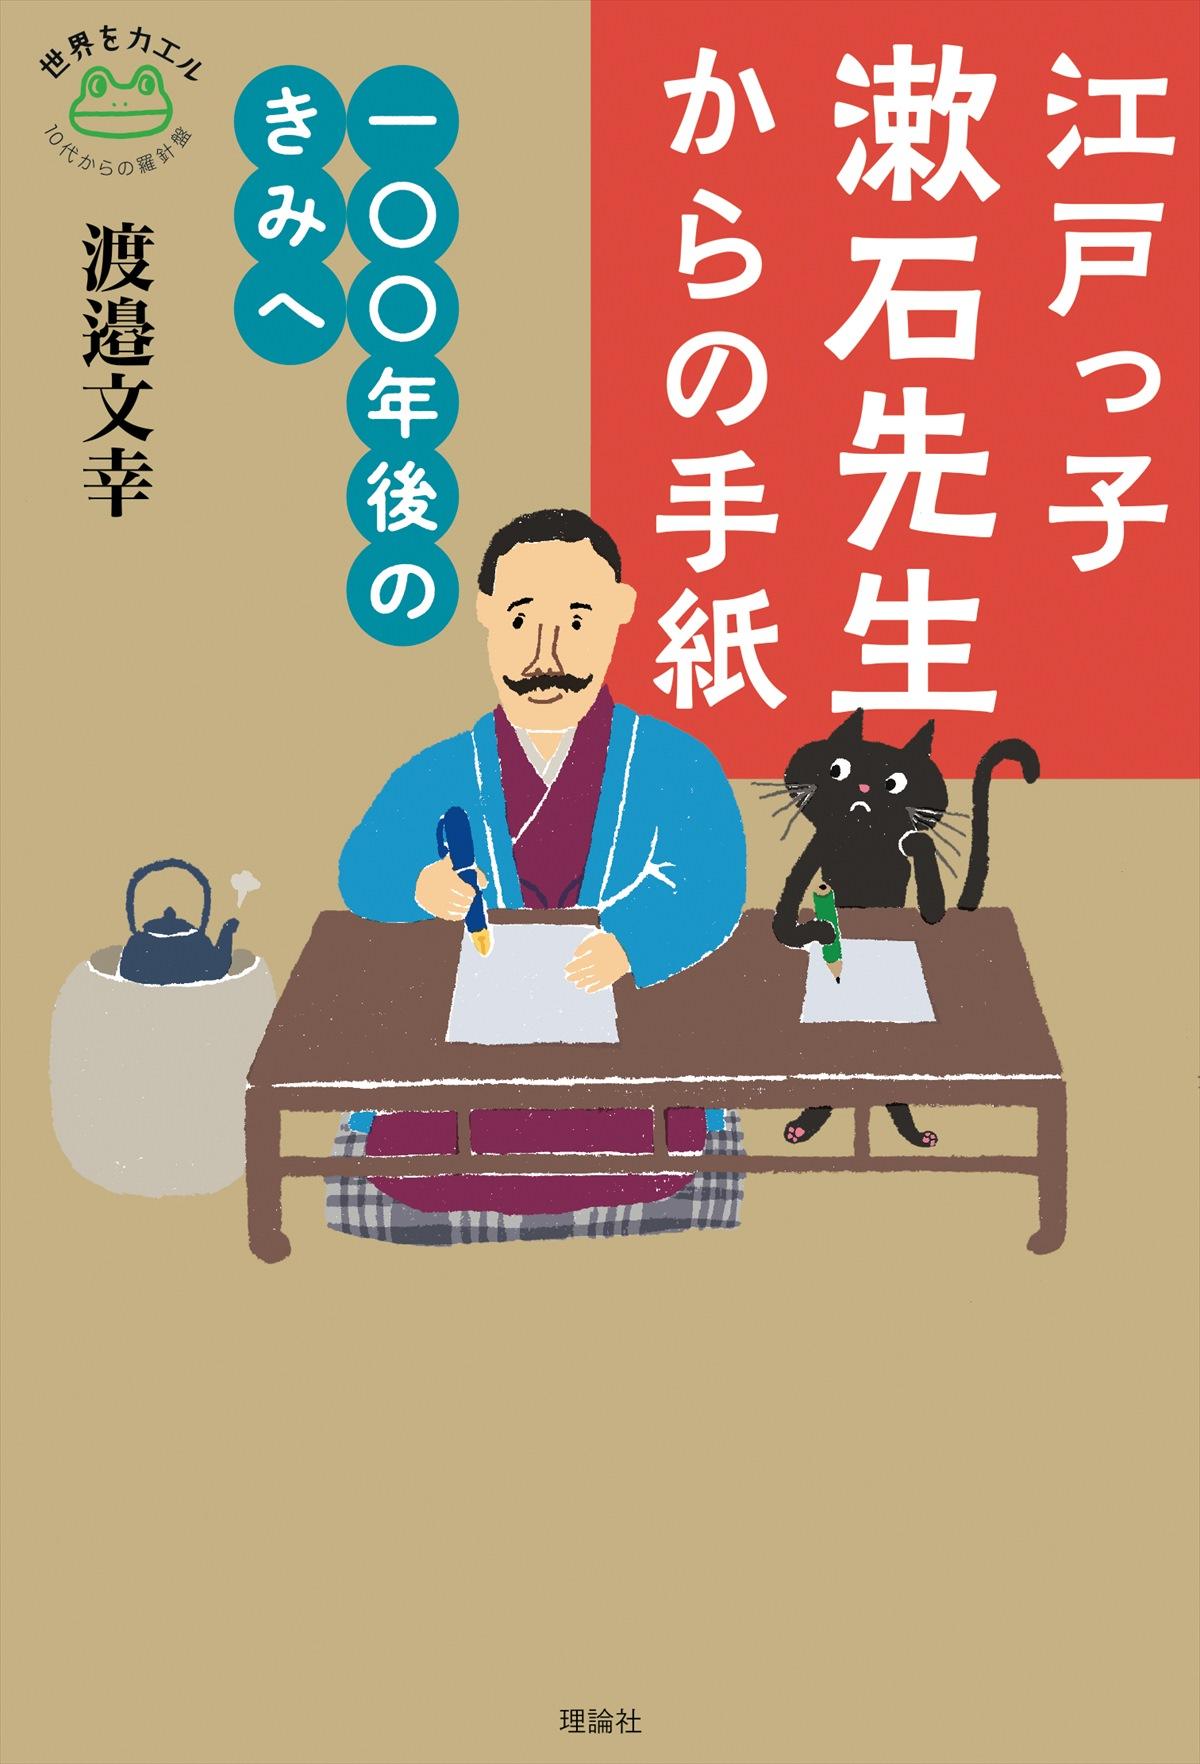 江戸っ子漱石先生からの手紙 一〇〇年後のきみへ